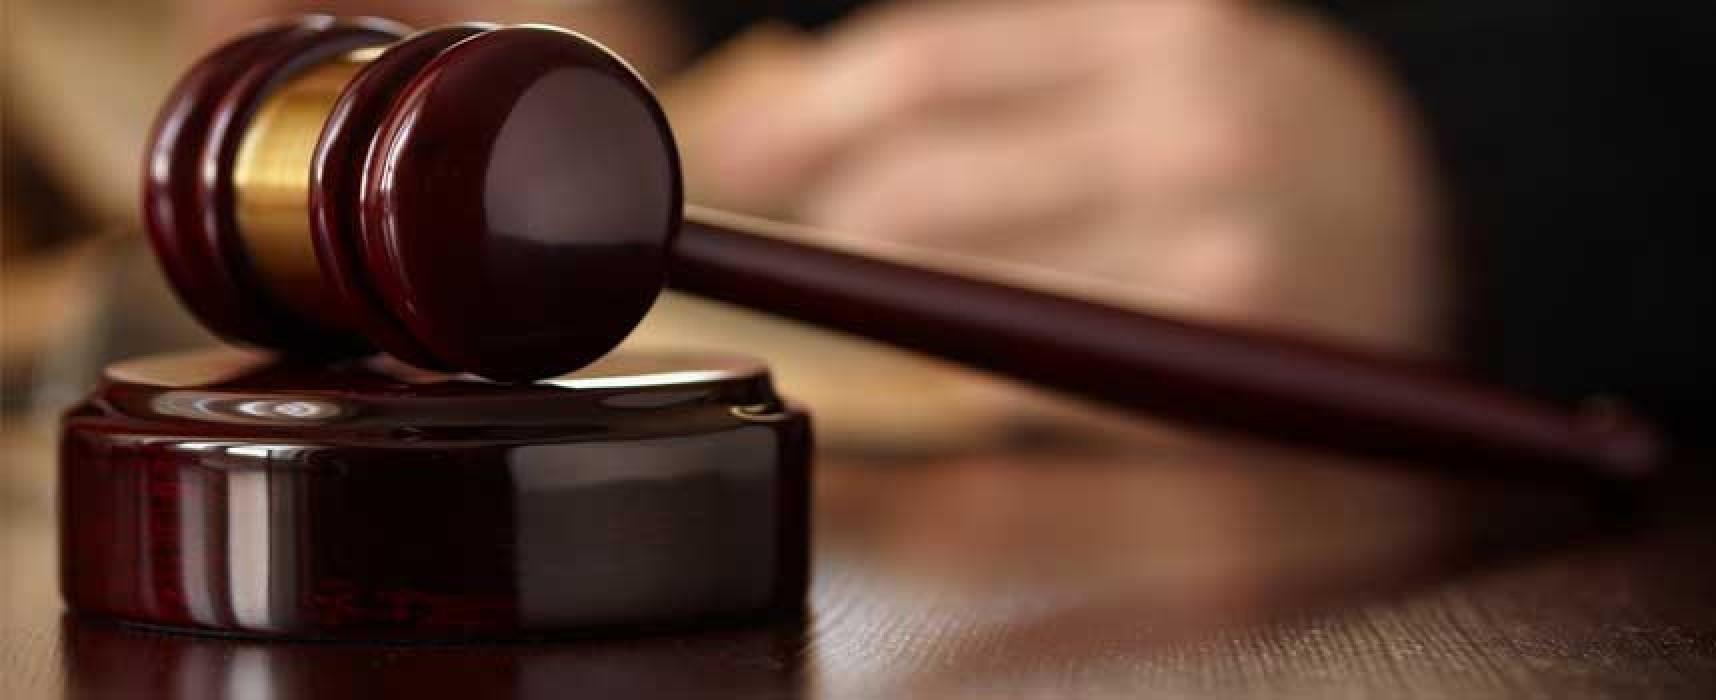 Incidente mortale nel 2008 sulla Bisceglie-Corato, biscegliese assolto